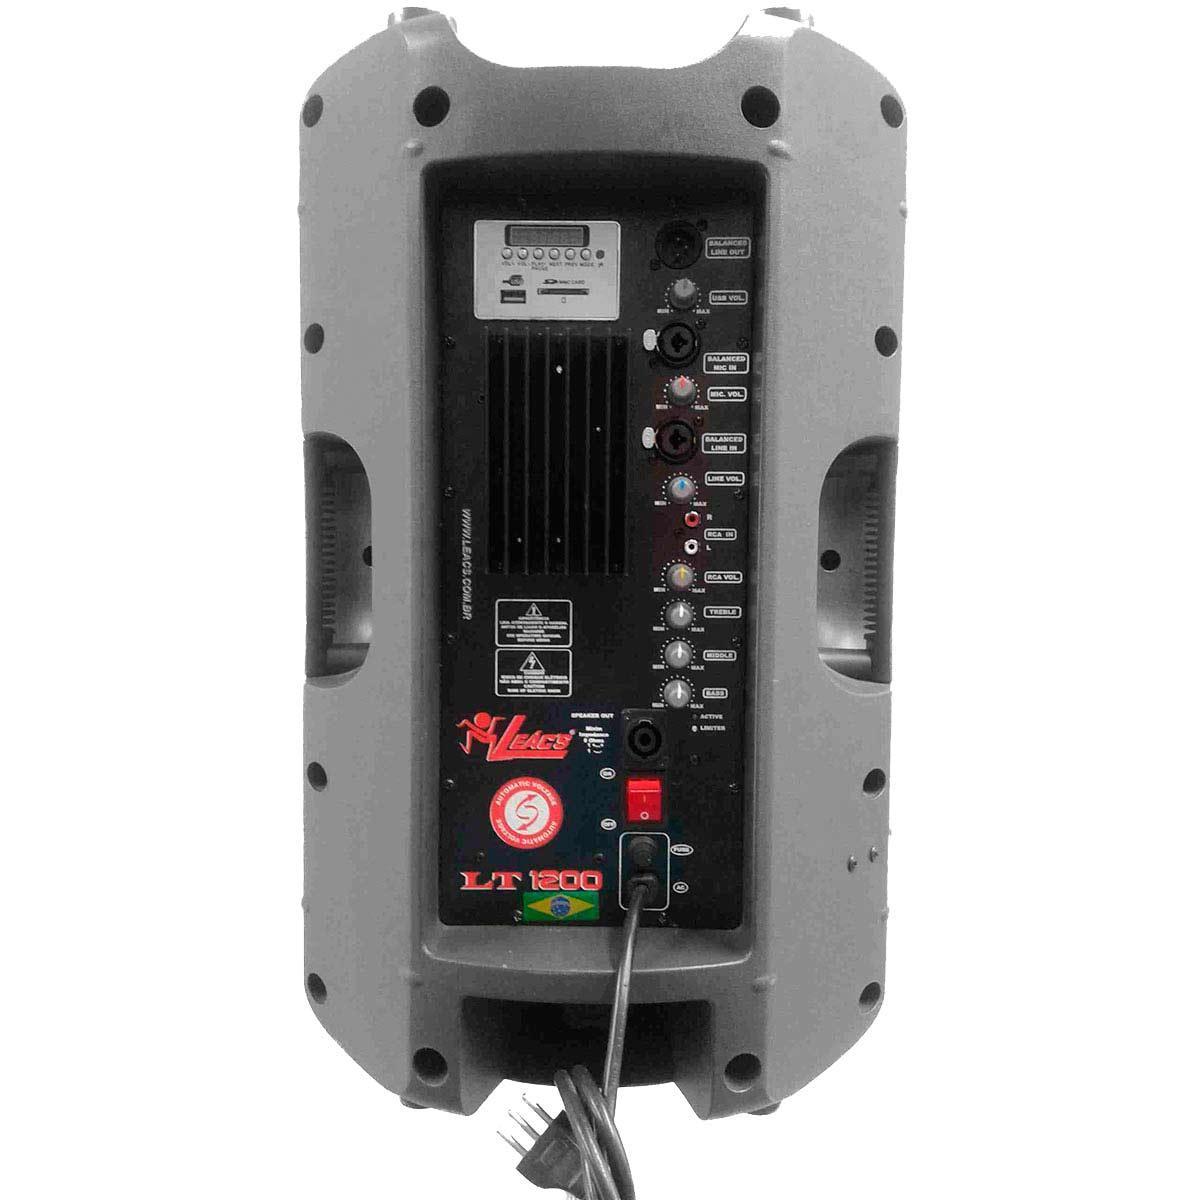 Caixa Ativa Fal 12 Pol 300W c/ USB - LT 1200 Leacs